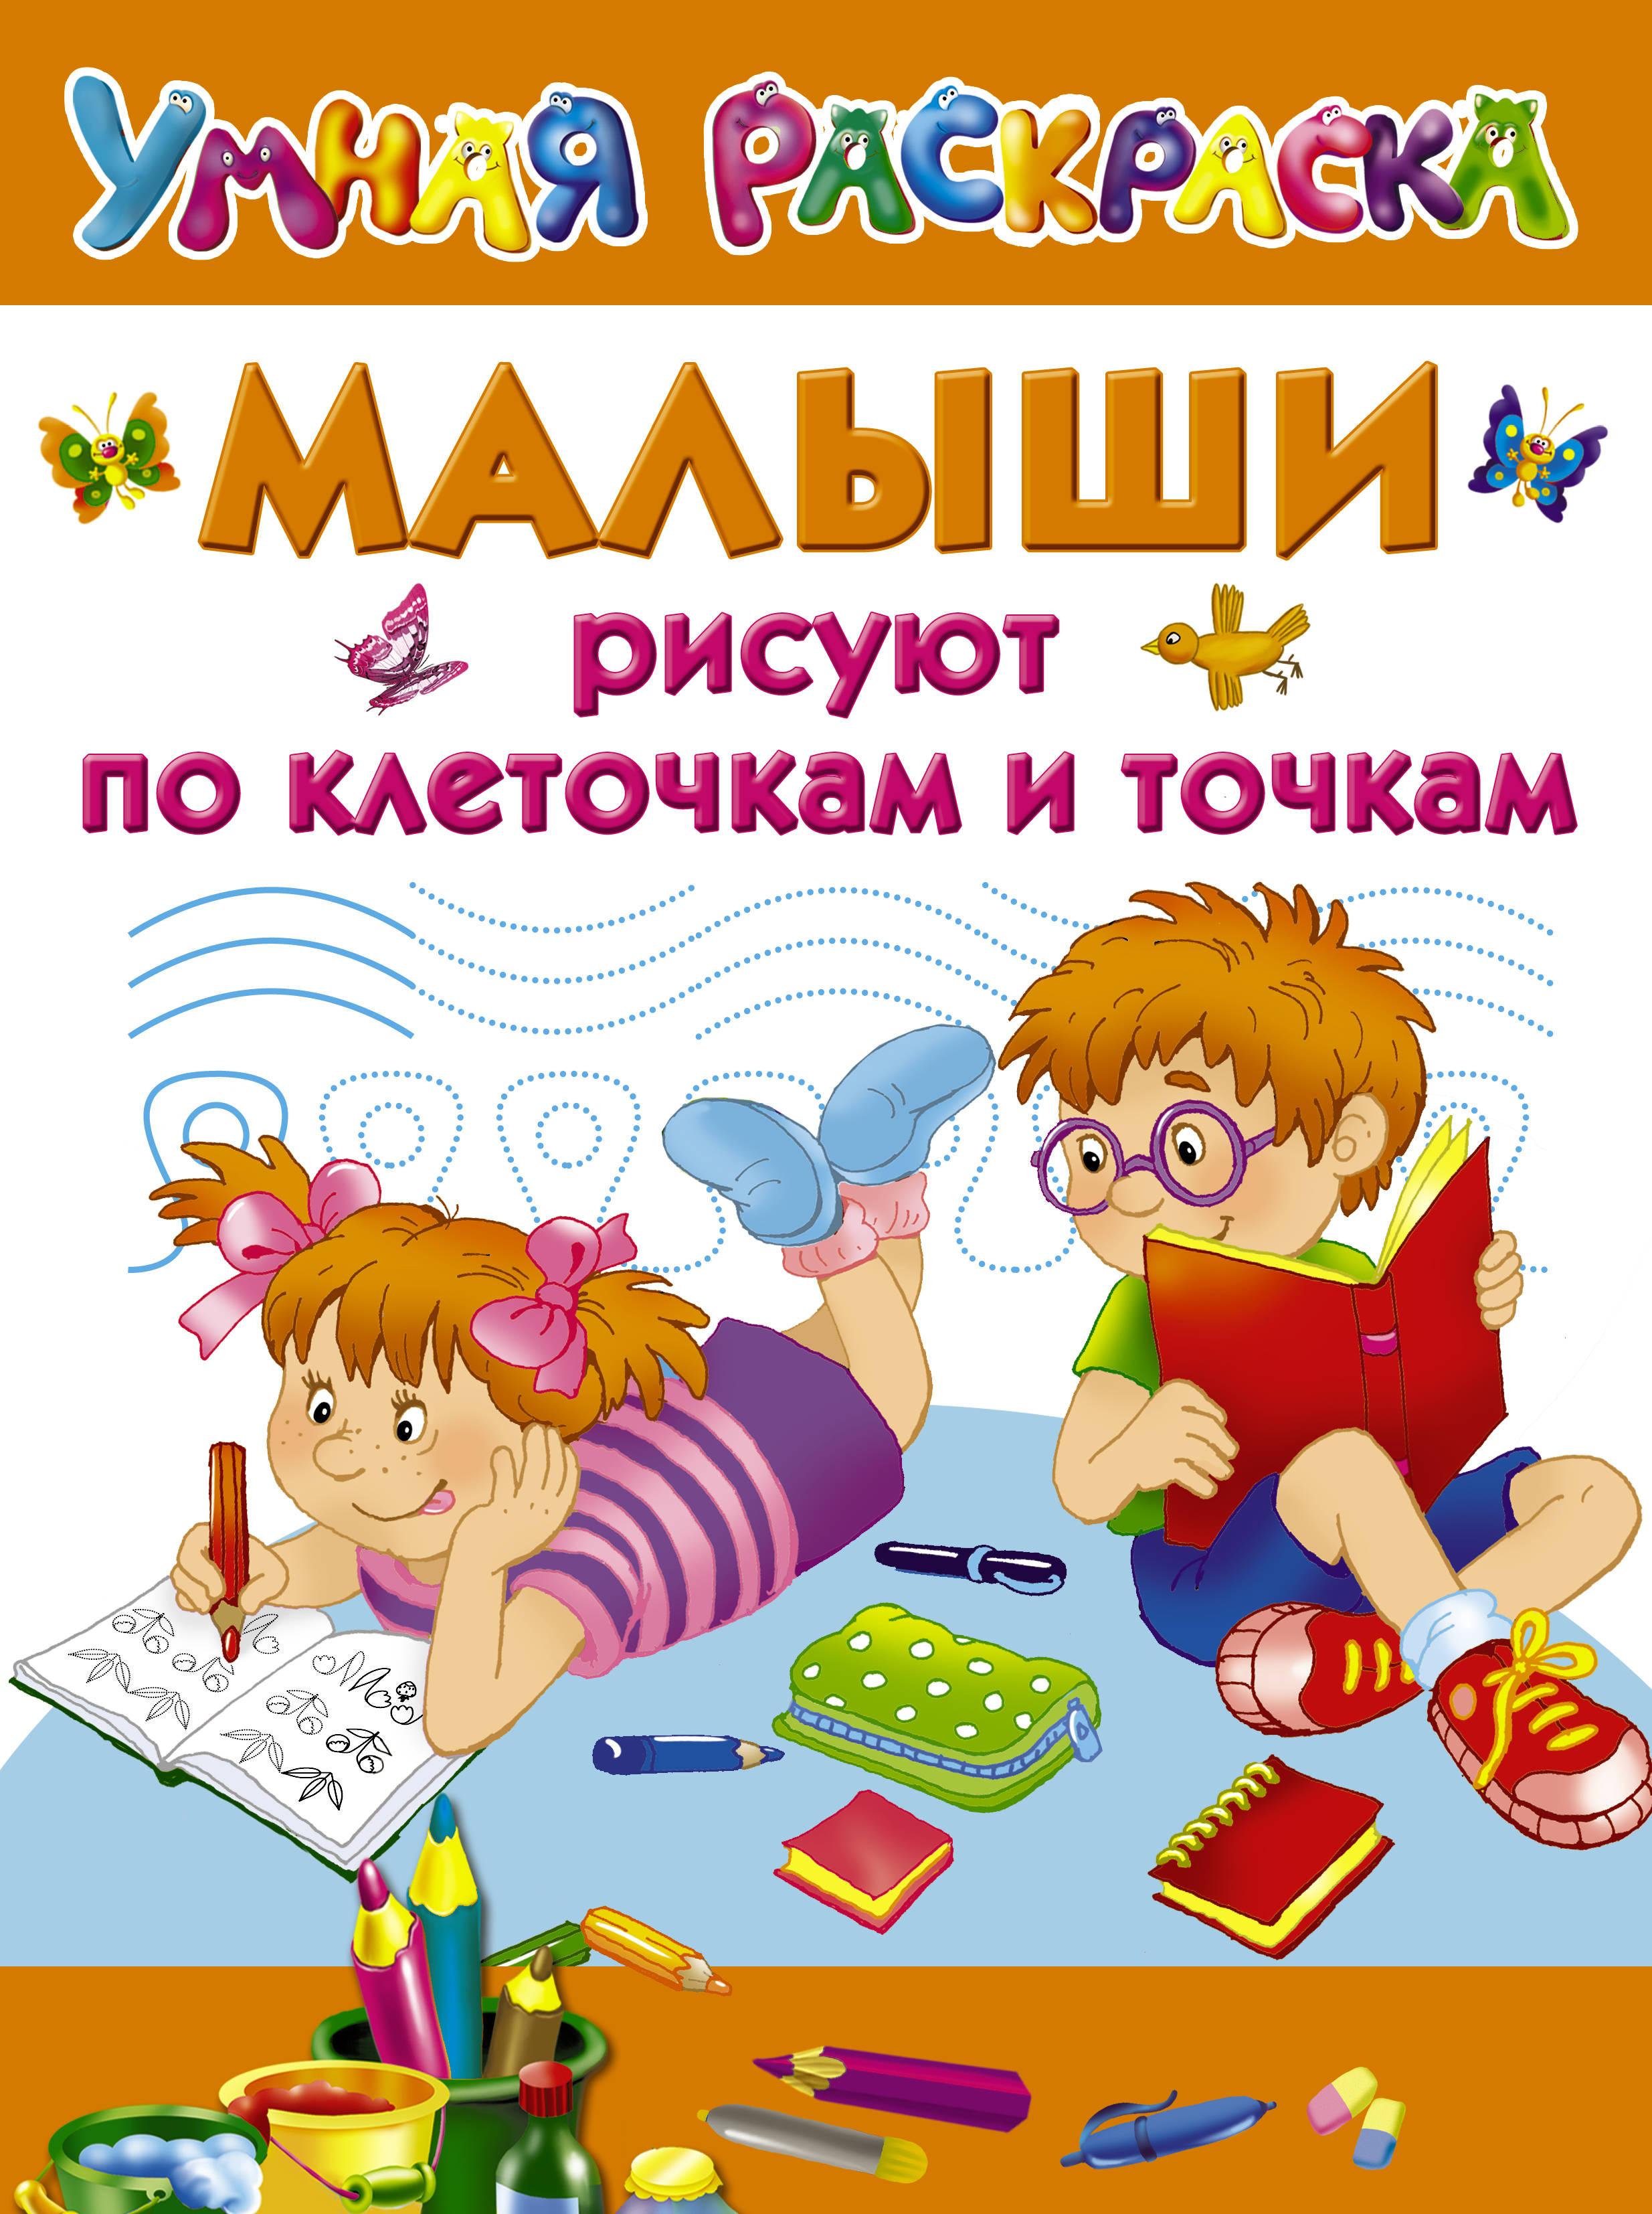 Дмитриева В.Г., Двинина Л.В., Дубровская Н.В. Малыши рисуют по клеточкам и точкам